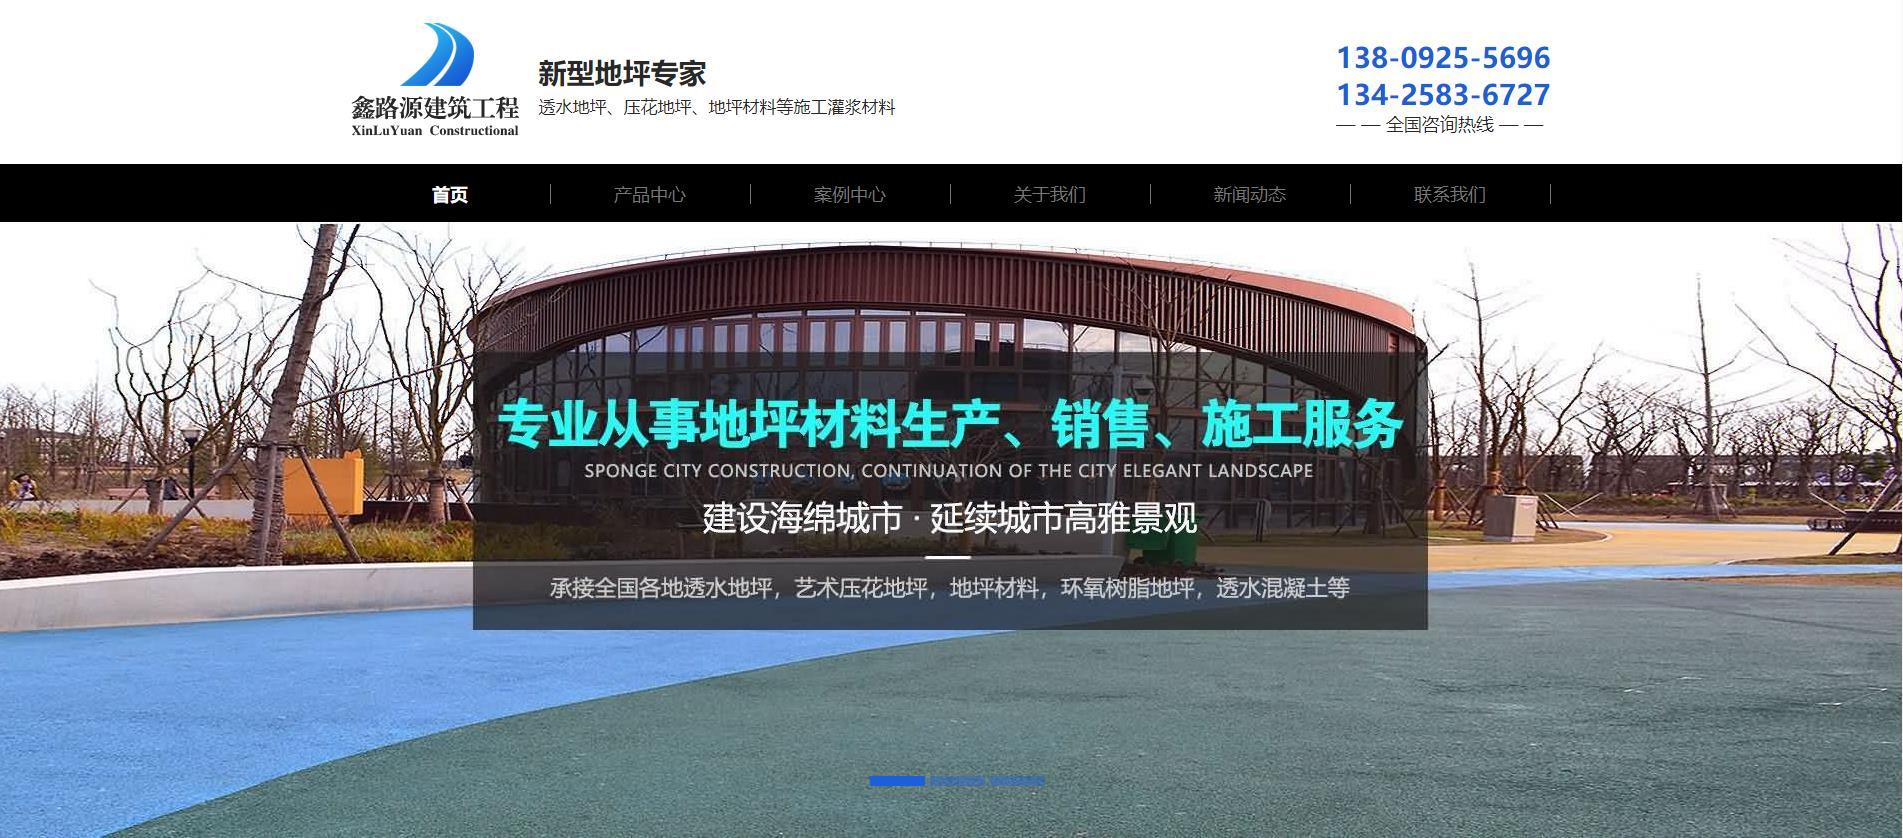 佛山市鑫路源建筑工程有限公司